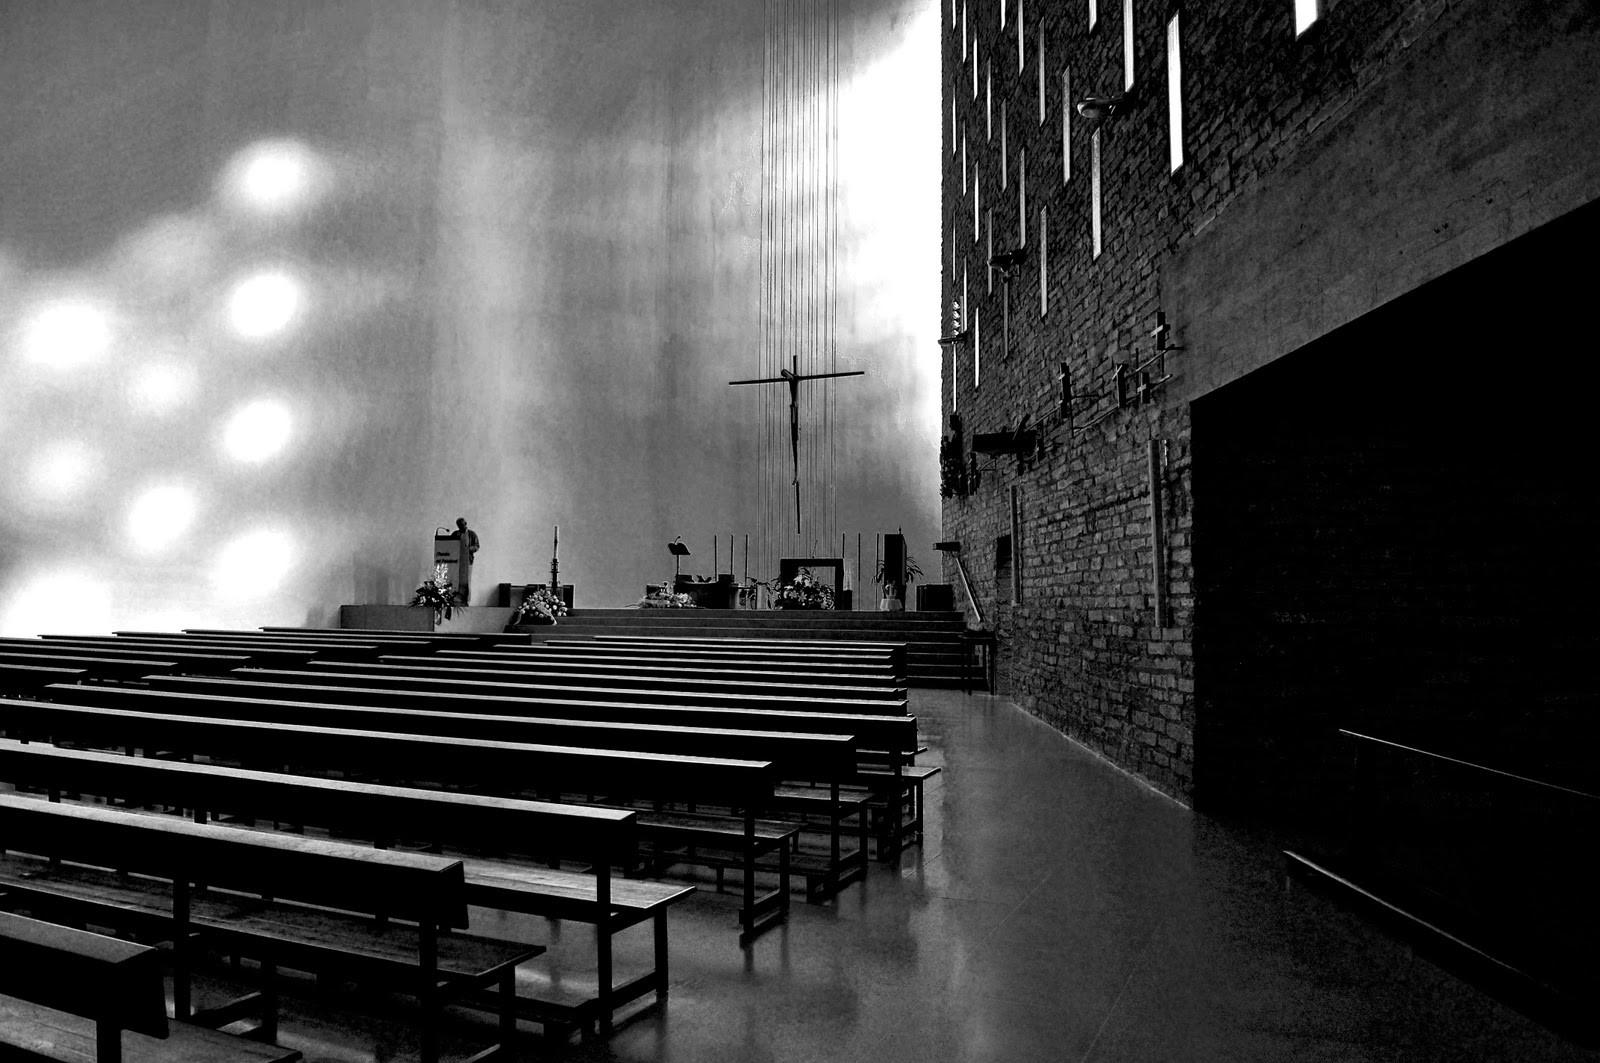 Clásicos de Arquitectura: Iglesia de Nuestra Señora de la Coronación / Miguel Fisac, © Cortesía de lostonsite